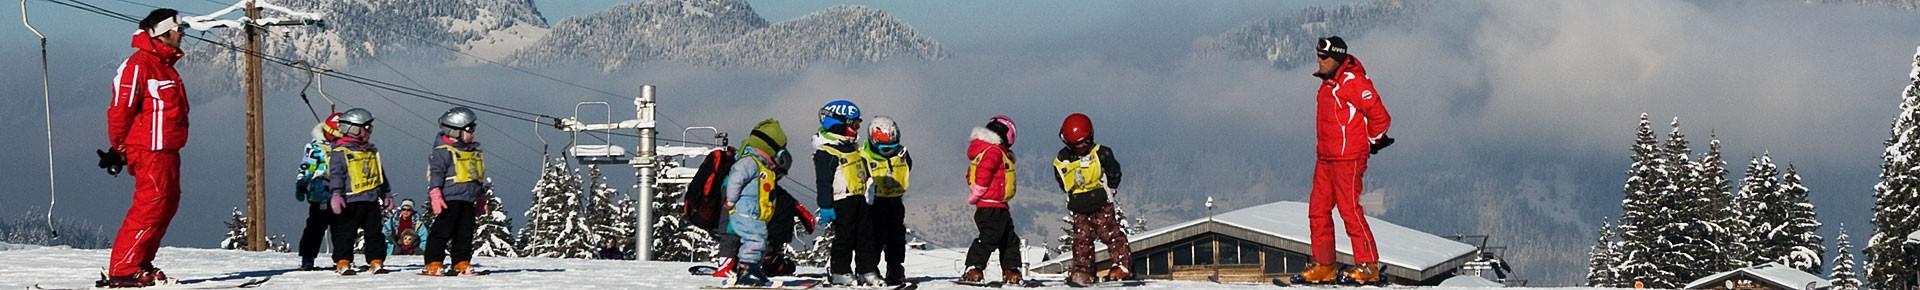 Cours de ski ESF Saint Jean d'Aulps